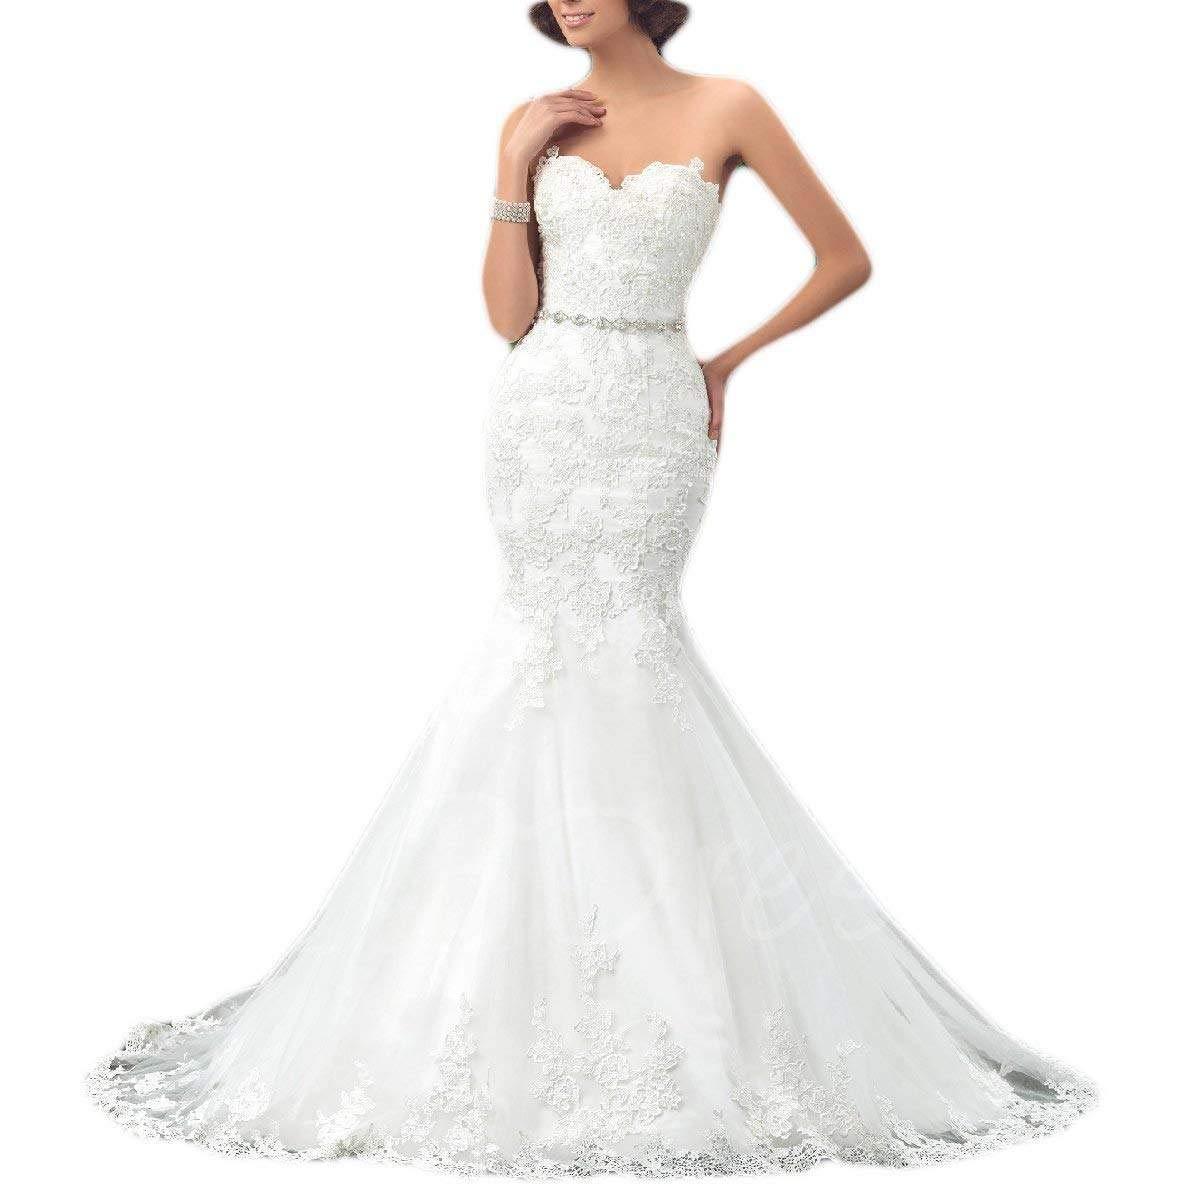 Ivory3 Jerald Norton Ltd Women's Sweetheart Lace Applique Wedding Dress Mermaid Ruffles Train Bride Dress White